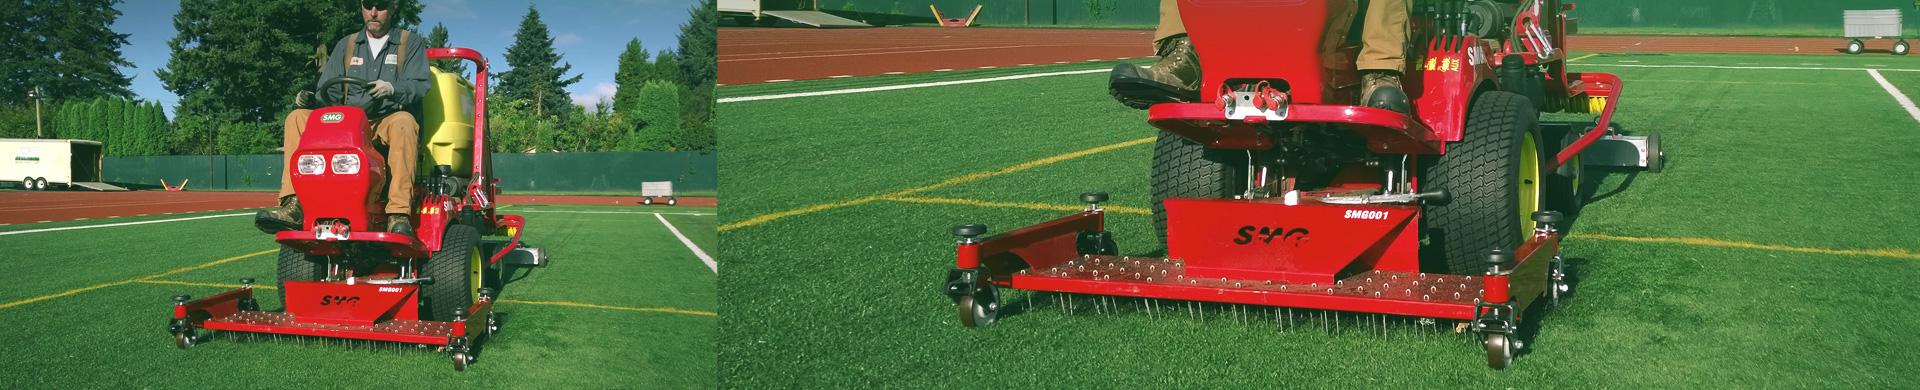 תחזוקת מגרשי דשא סינתטי מקצועיים